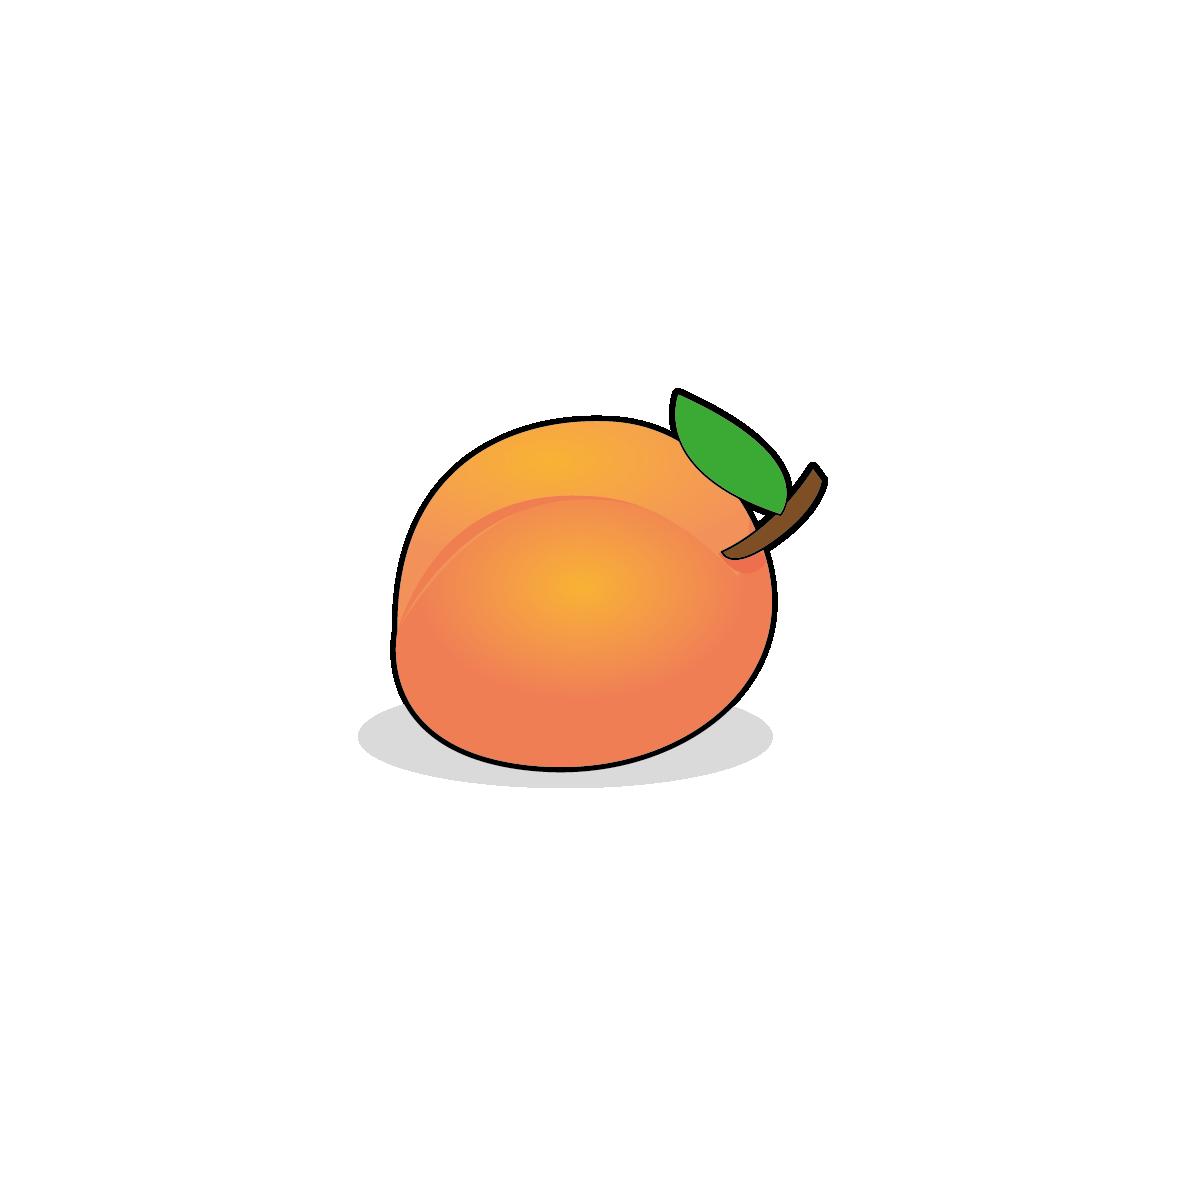 Icone d'un abricot, ailmacocotte.com